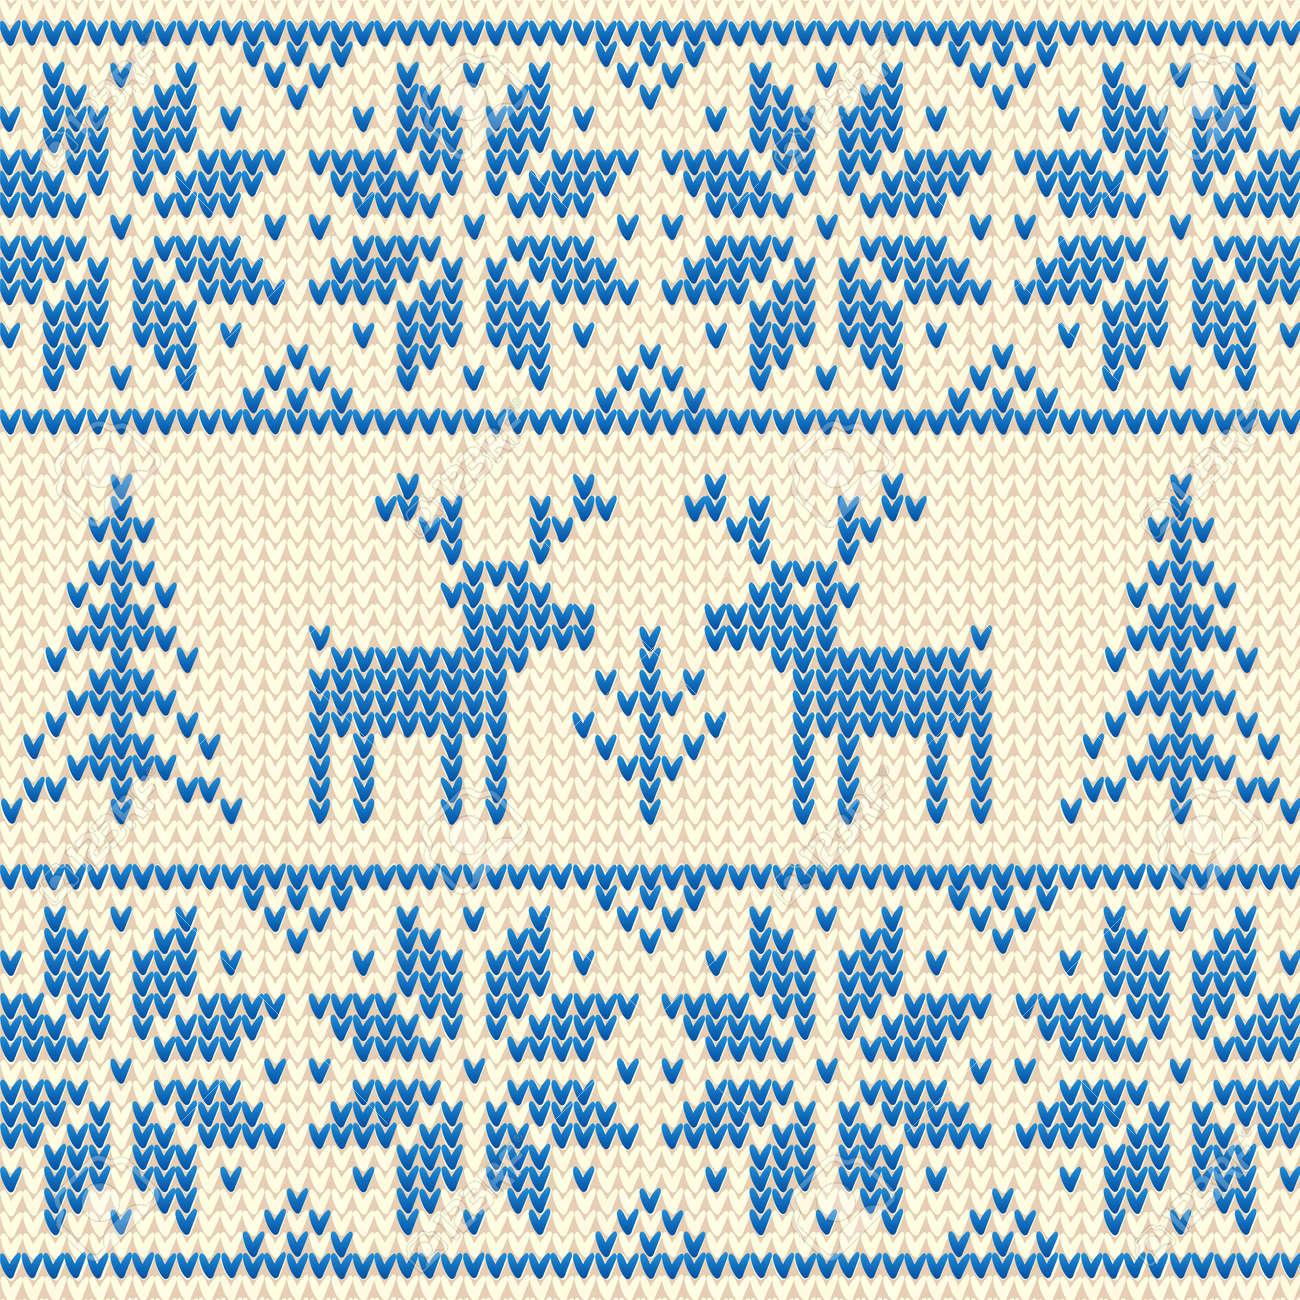 Схема вязания скандинавского мотива